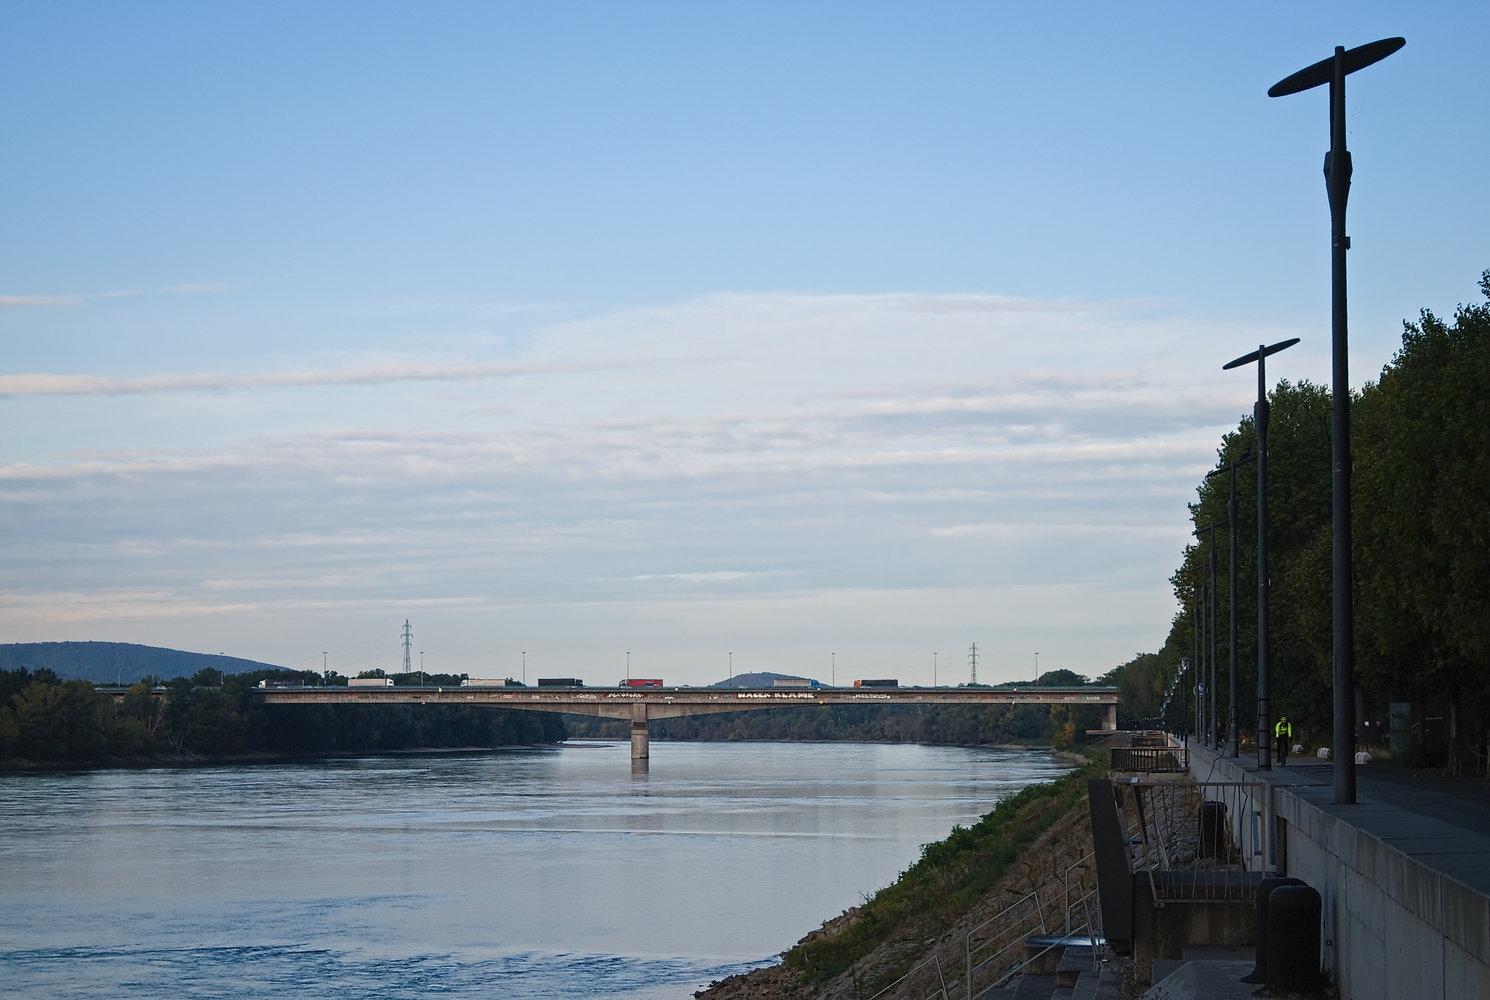 Meg persze a város legnyugatibb hídja, azon túl már kb. Ausztria jön.